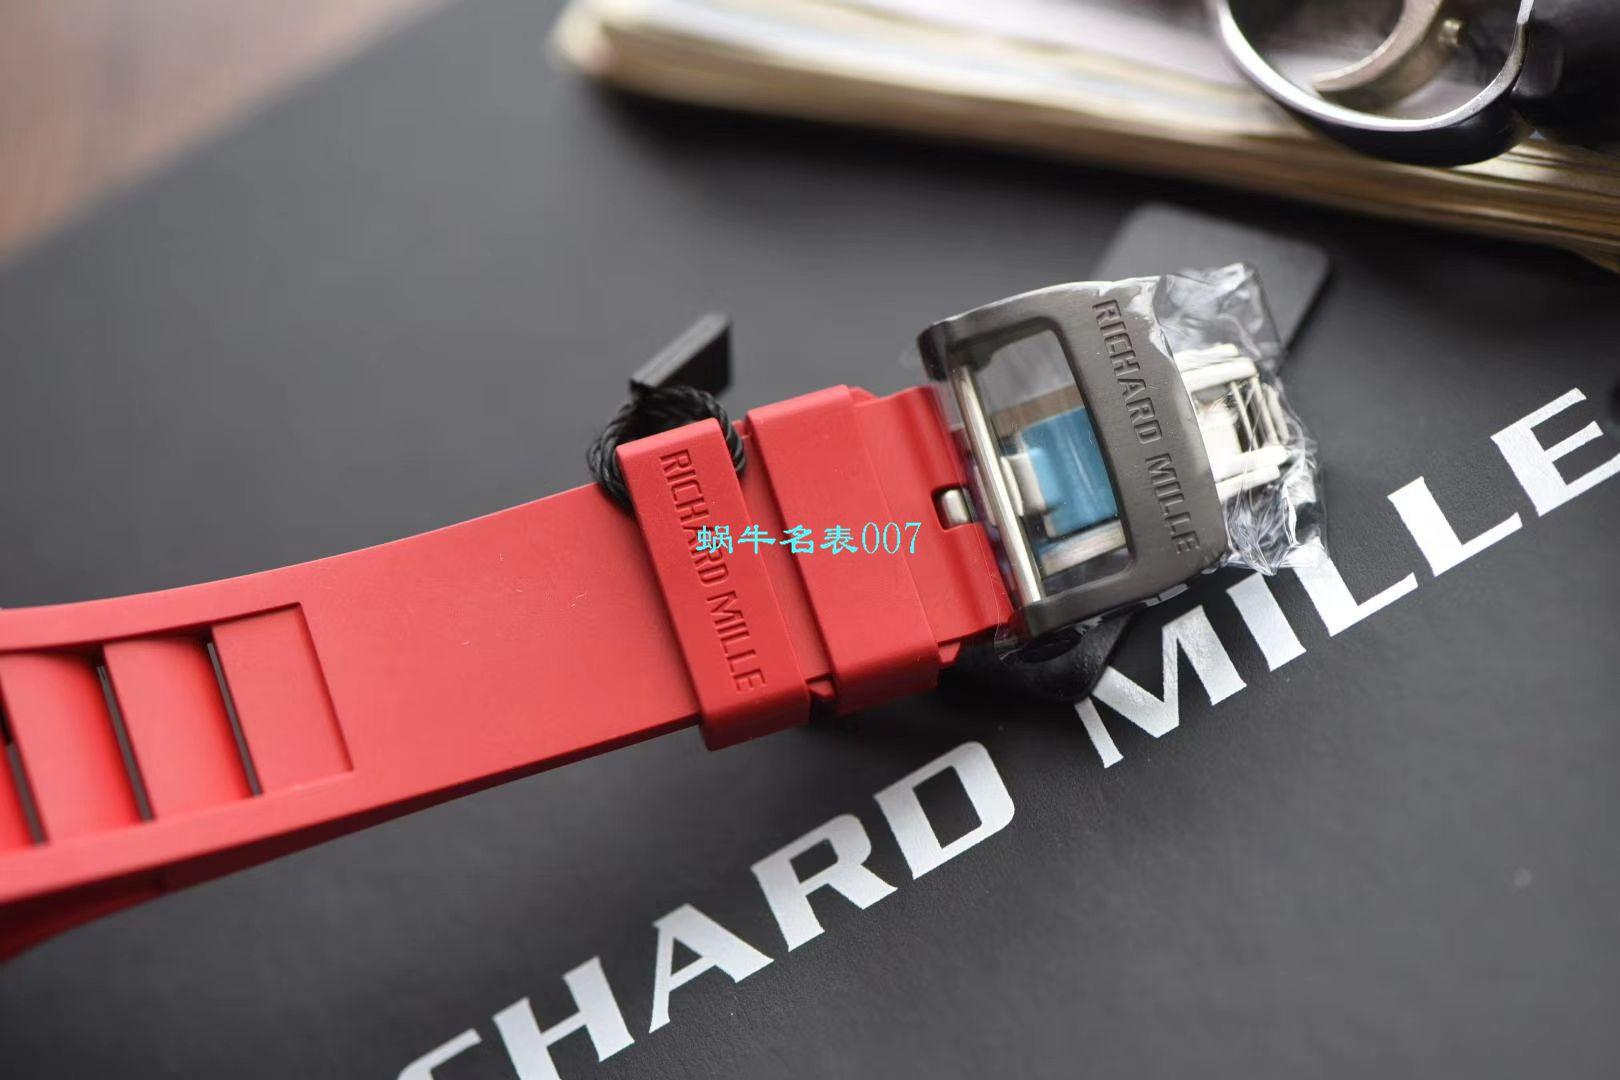 视频评测kv厂官网复刻手表RICHARD MILLE理查德米勒RM 011 / KV011RM